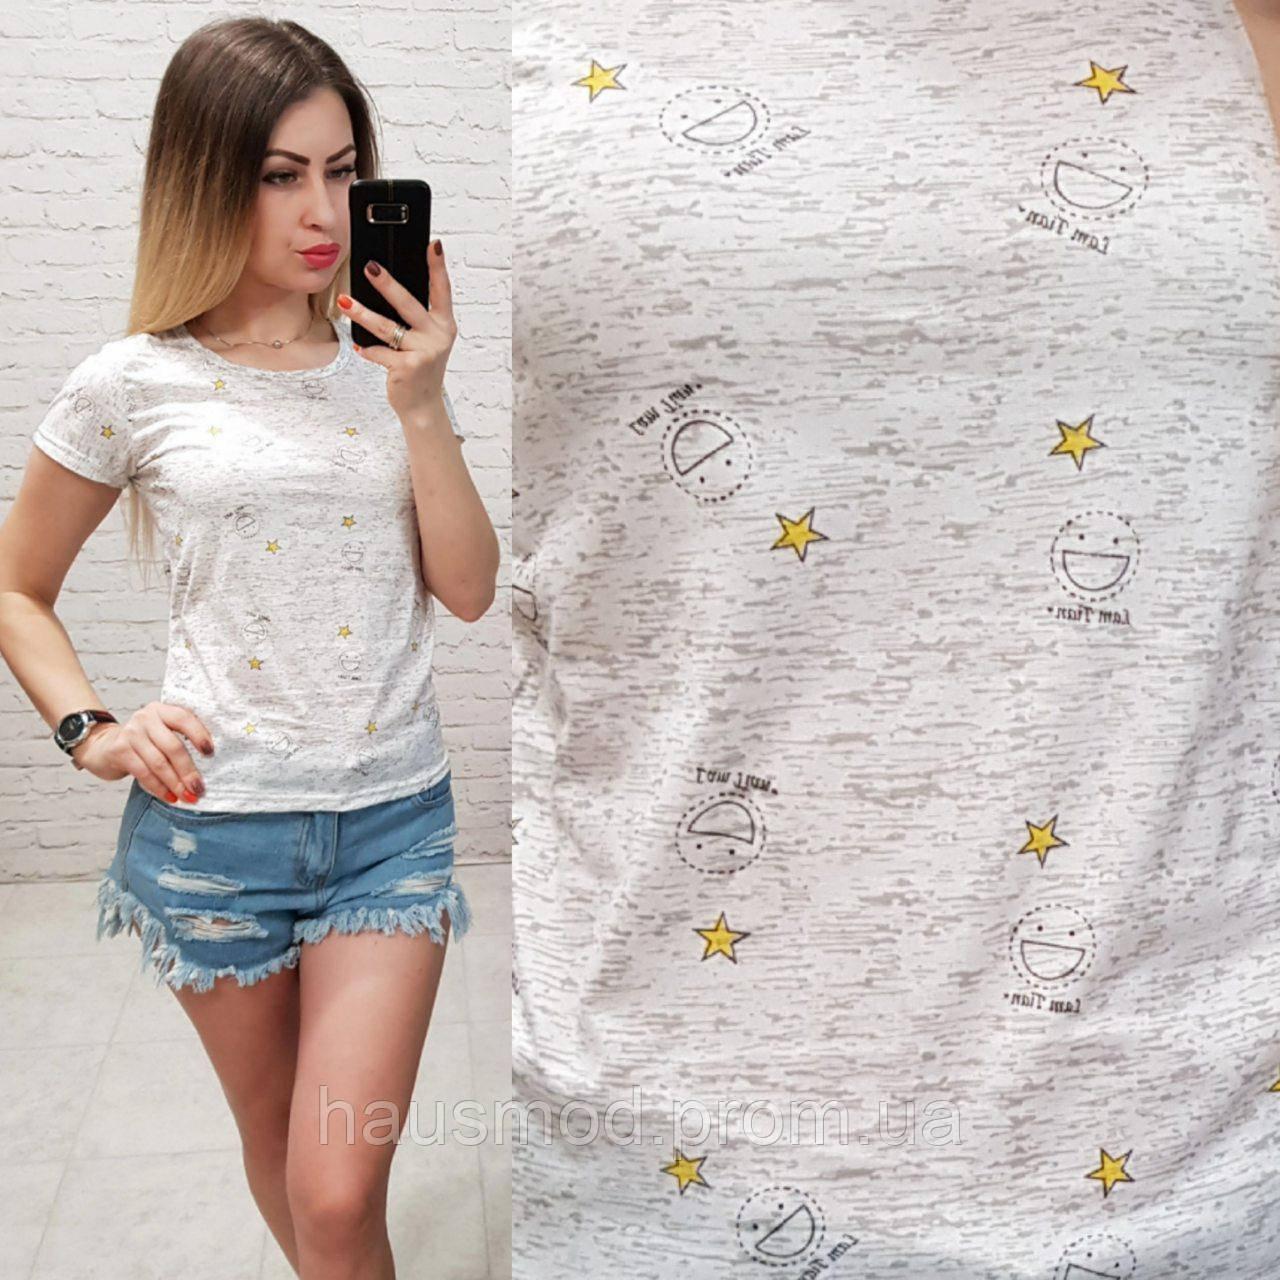 Женская футболка летняя Oversize one size качество турция размер универсал сублимация смайлик цвет серый